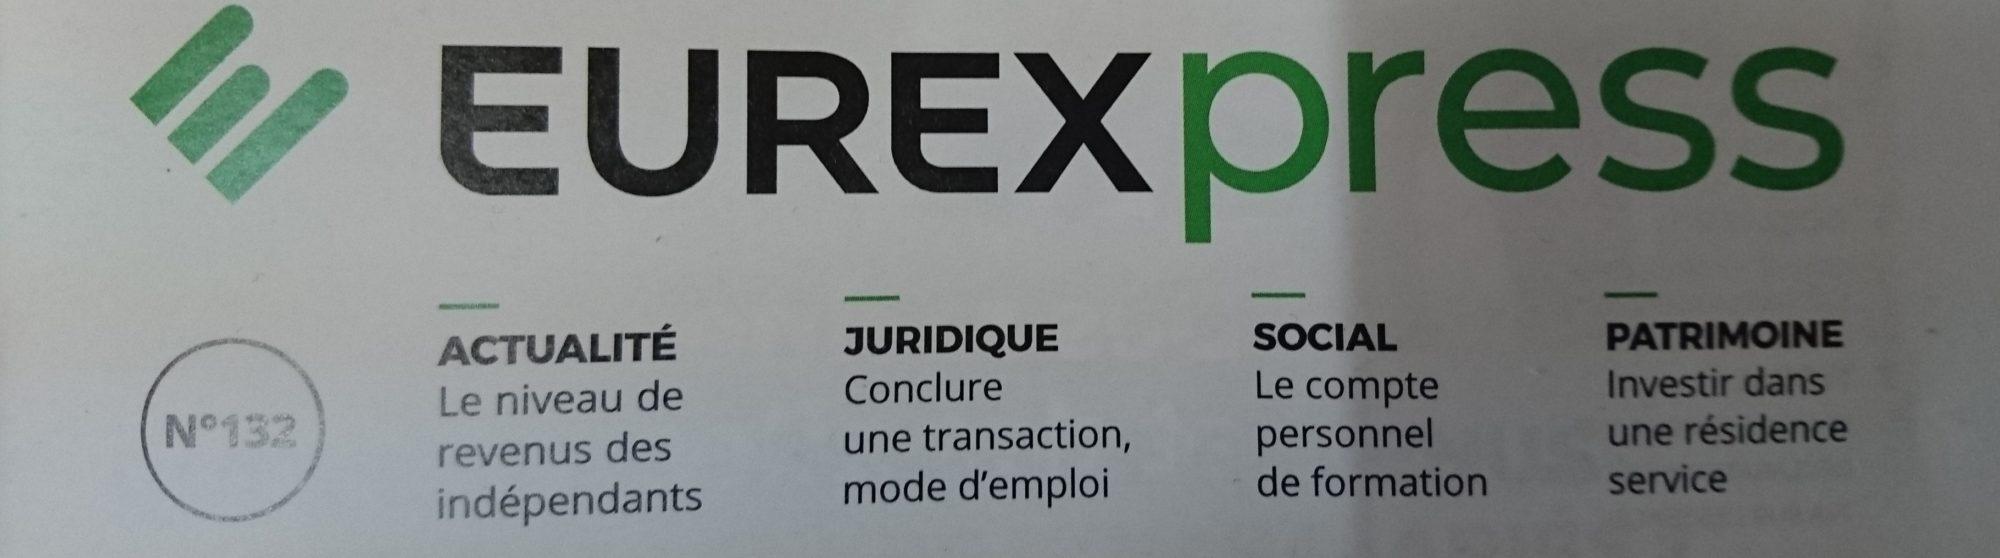 EUREX